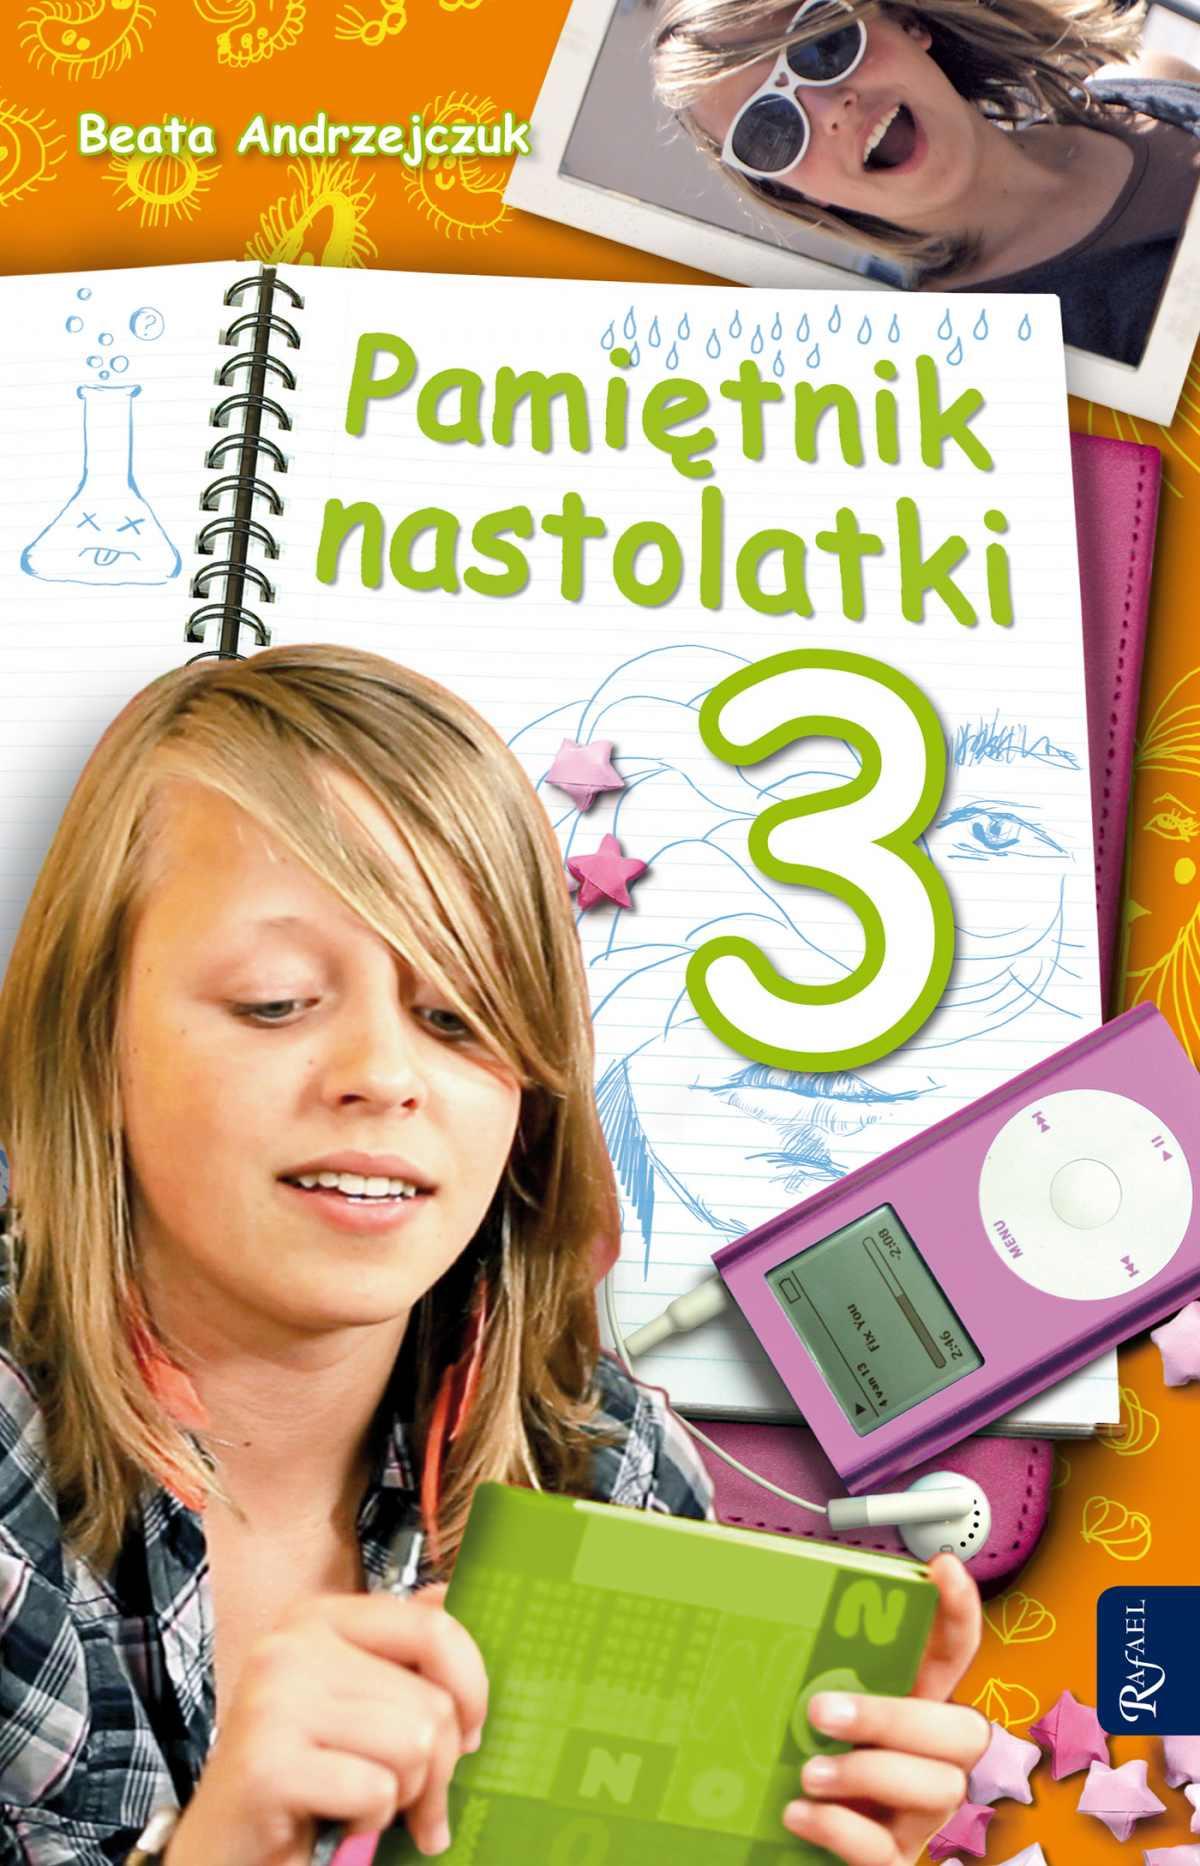 Pamiętnik nastolatki 3 - Ebook (Książka na Kindle) do pobrania w formacie MOBI